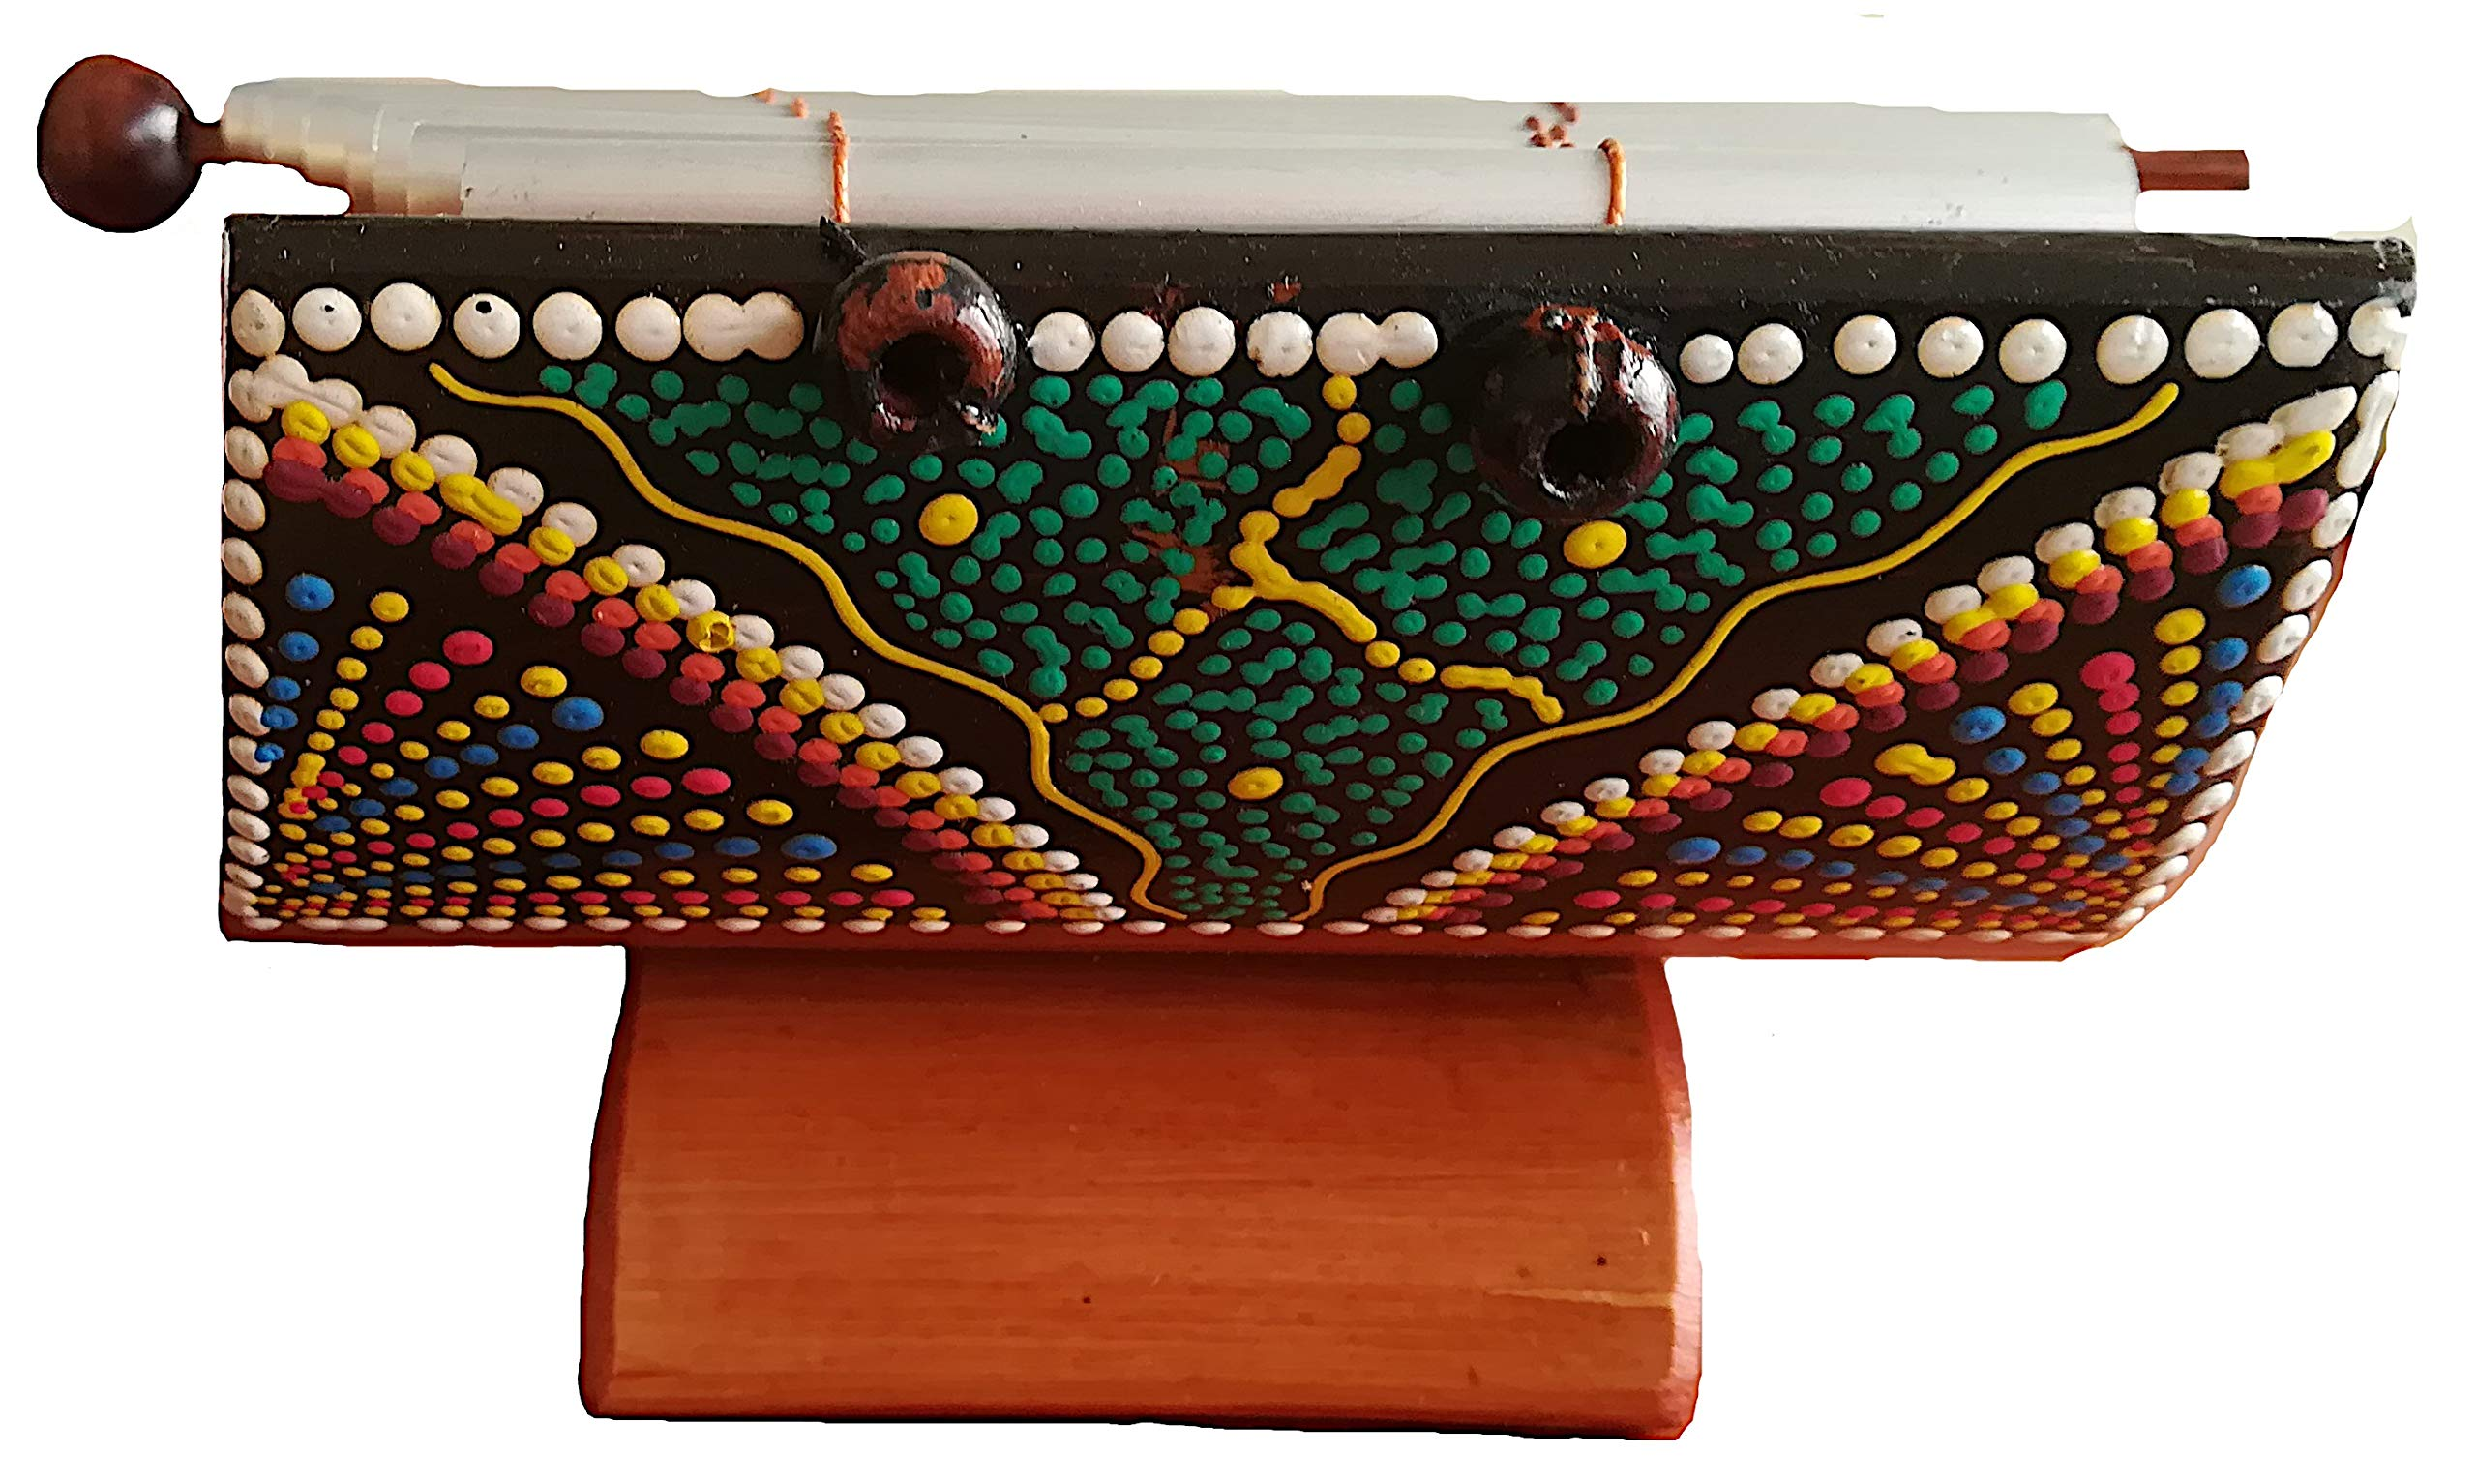 Alpakaandmore Peruvian Marimba Percussion Musical Instrument Amazonas Handmade